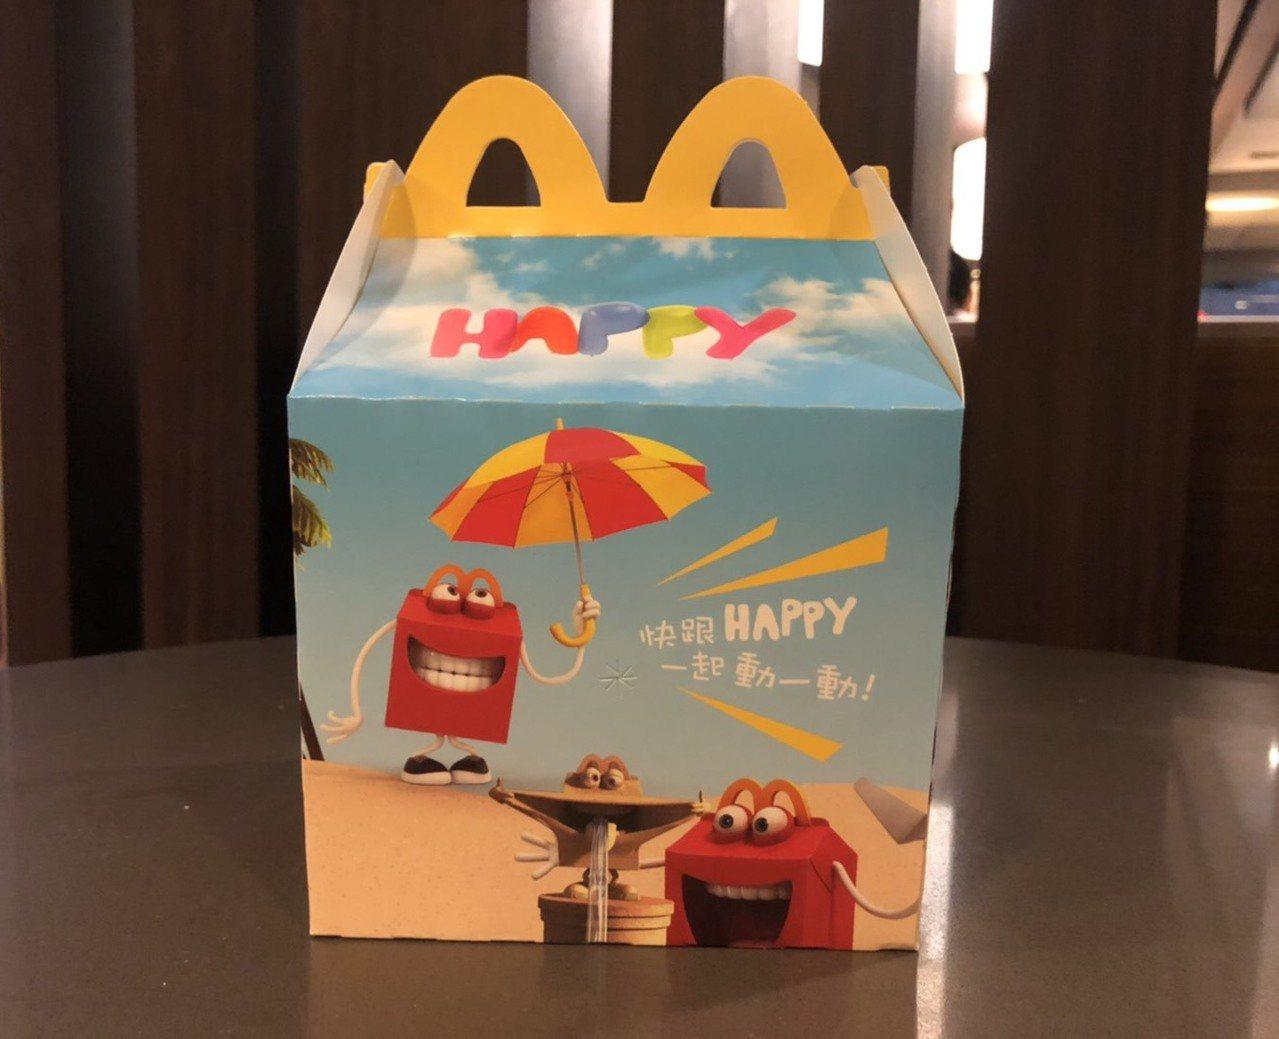 台灣麥當勞「快樂兒童餐」承載許多人兒時記憶。圖/麥當勞提供